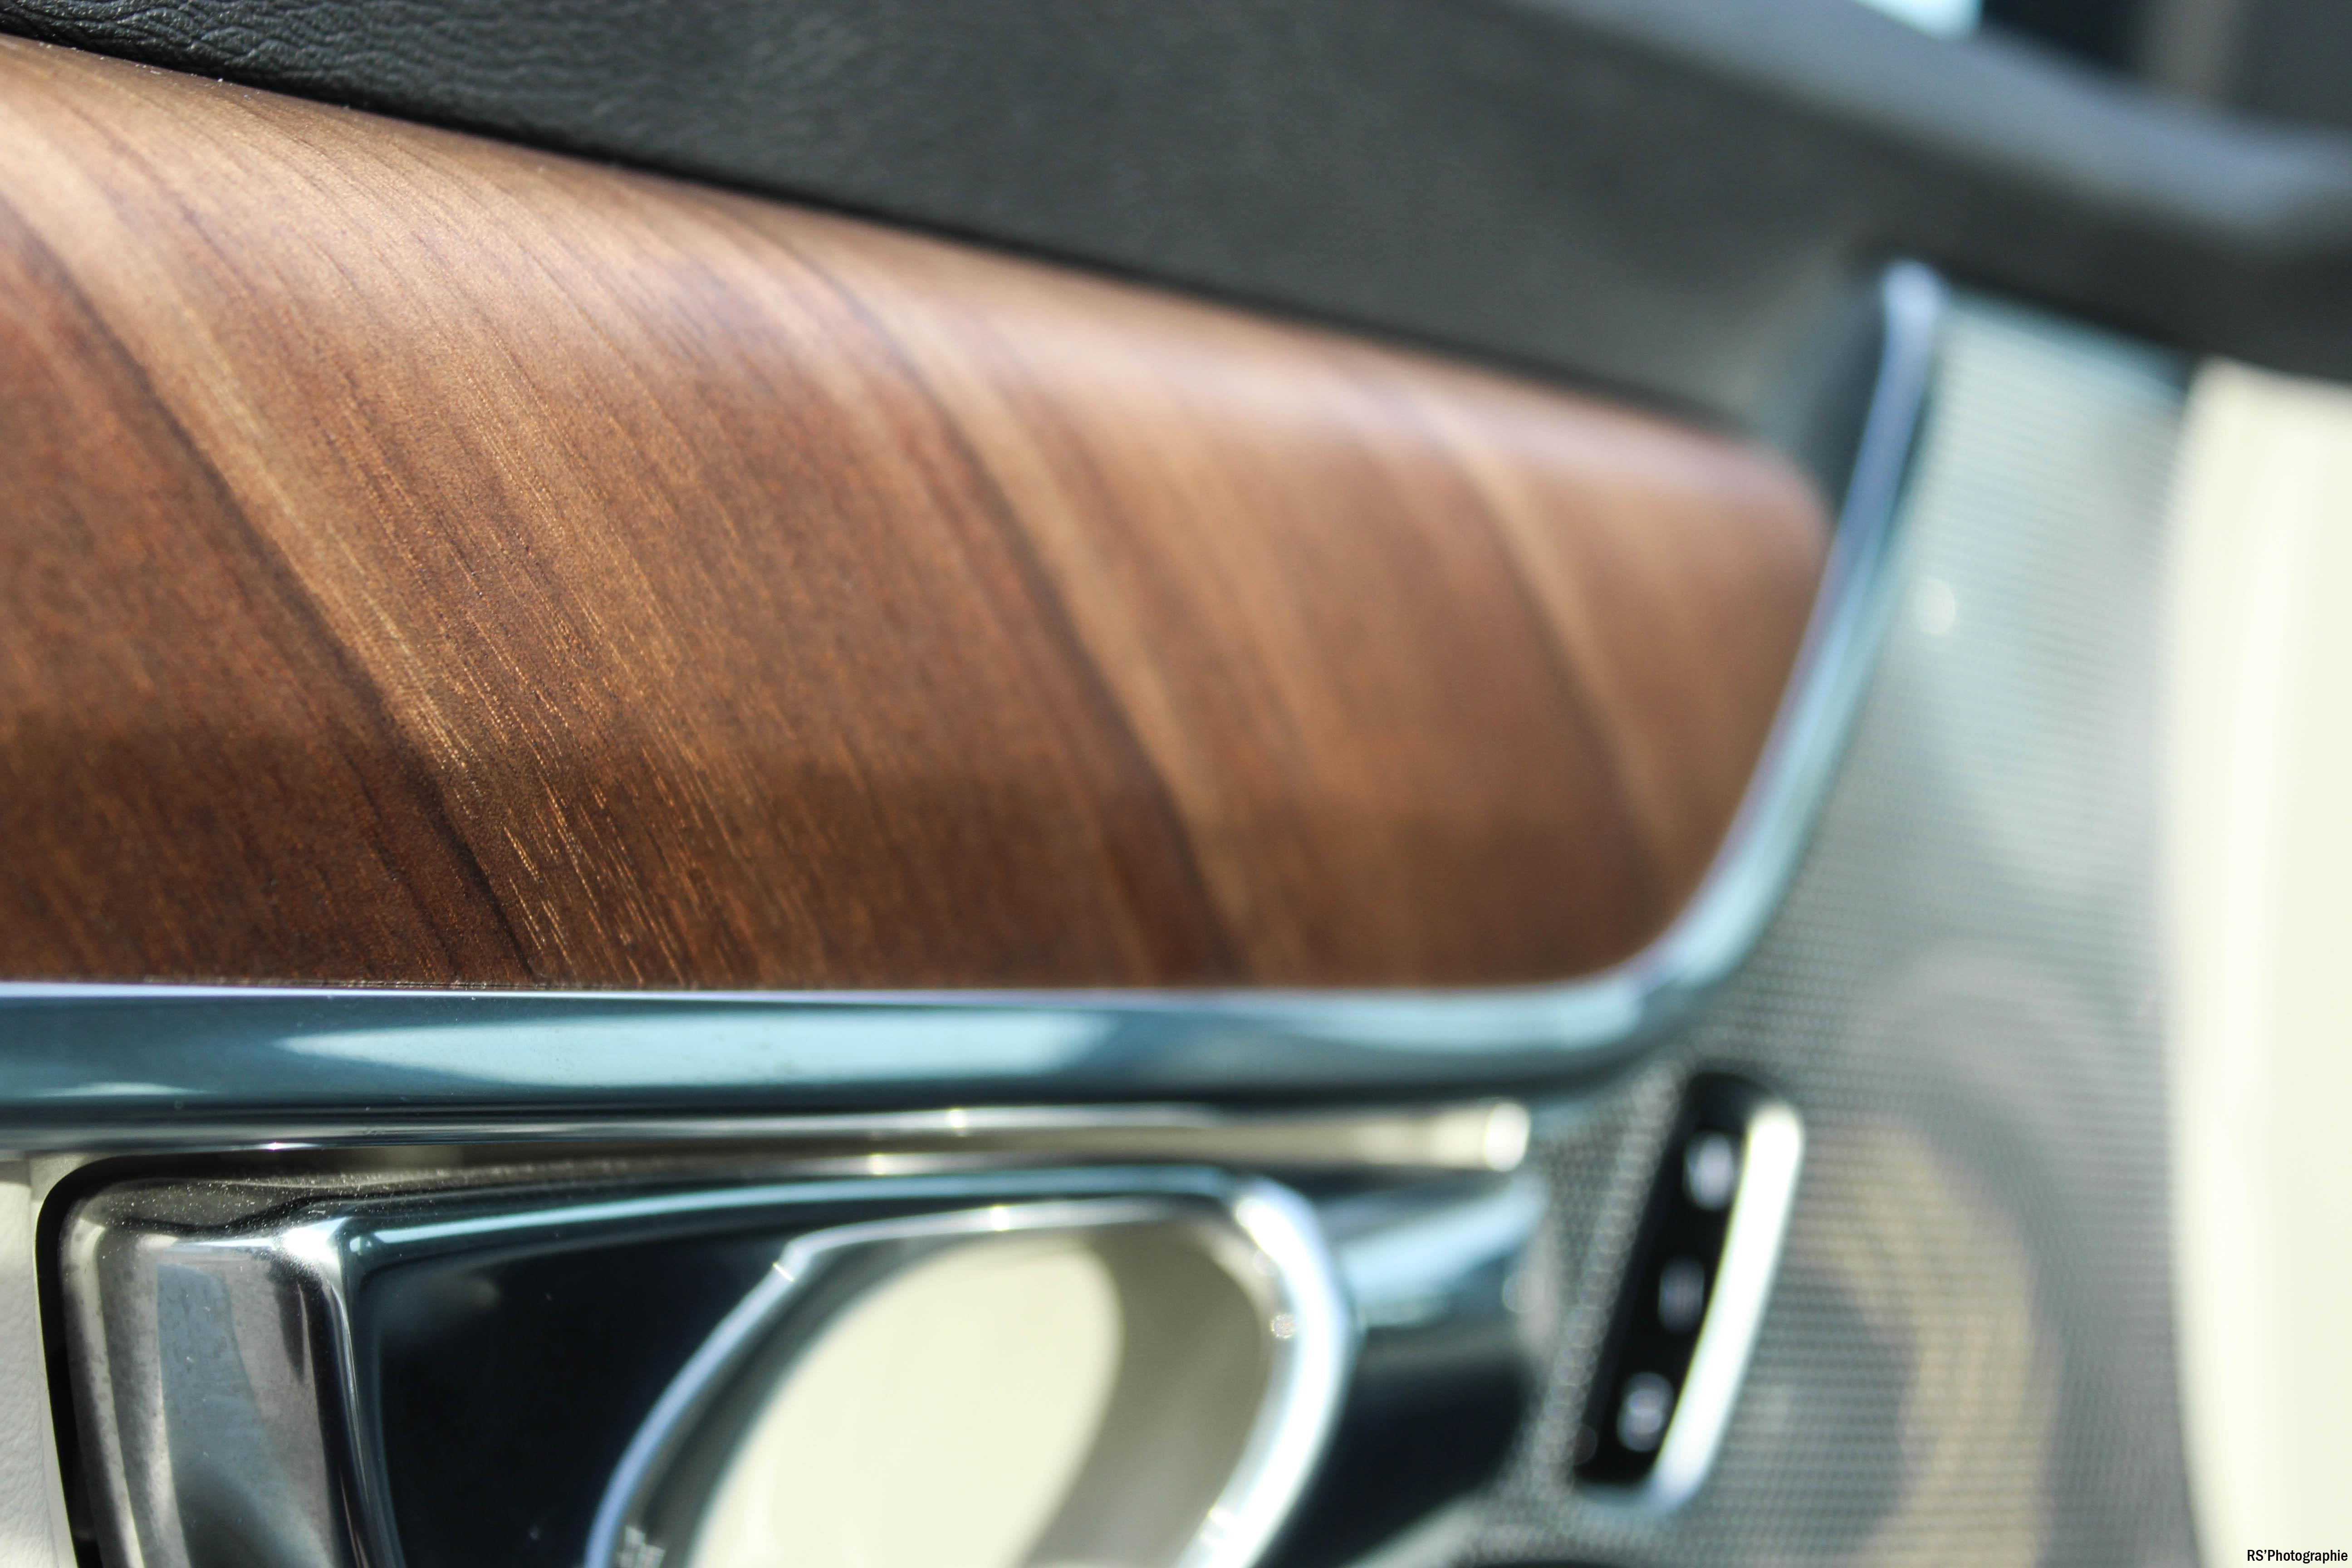 VolvoV9026-volvo-v90-d5-intérieur-onboard-arnaud-demasier-RSPhotographie